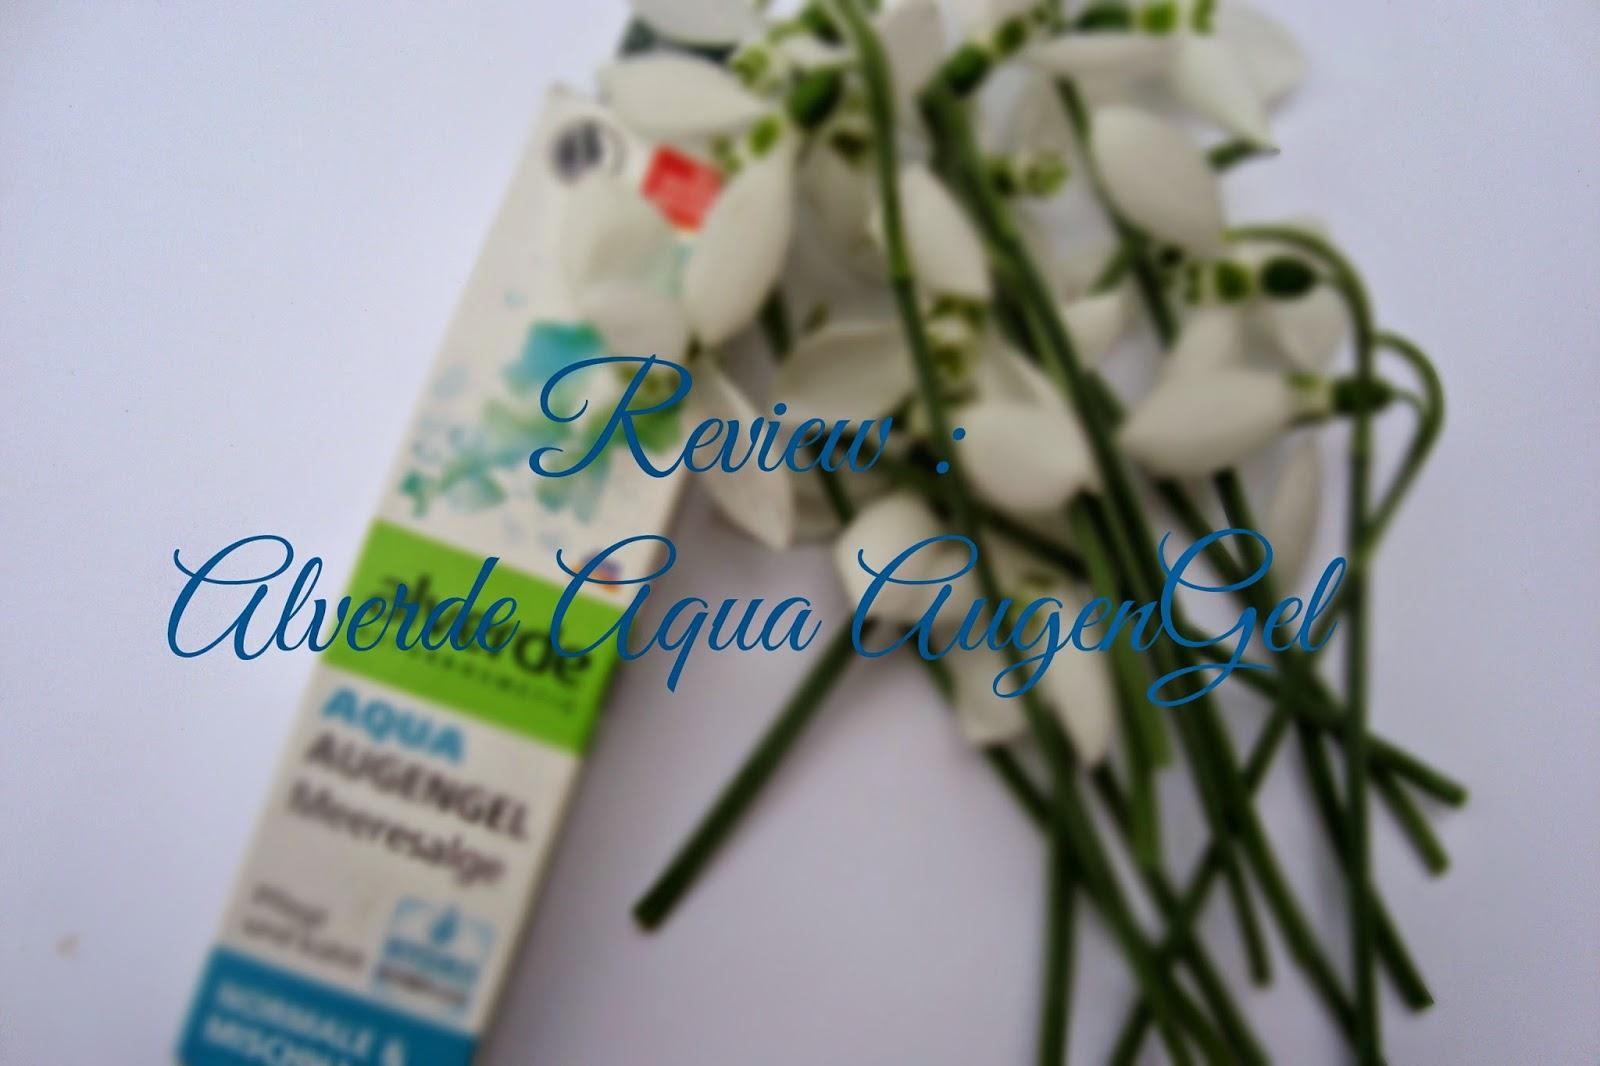 Alverde Aqua Augengel review